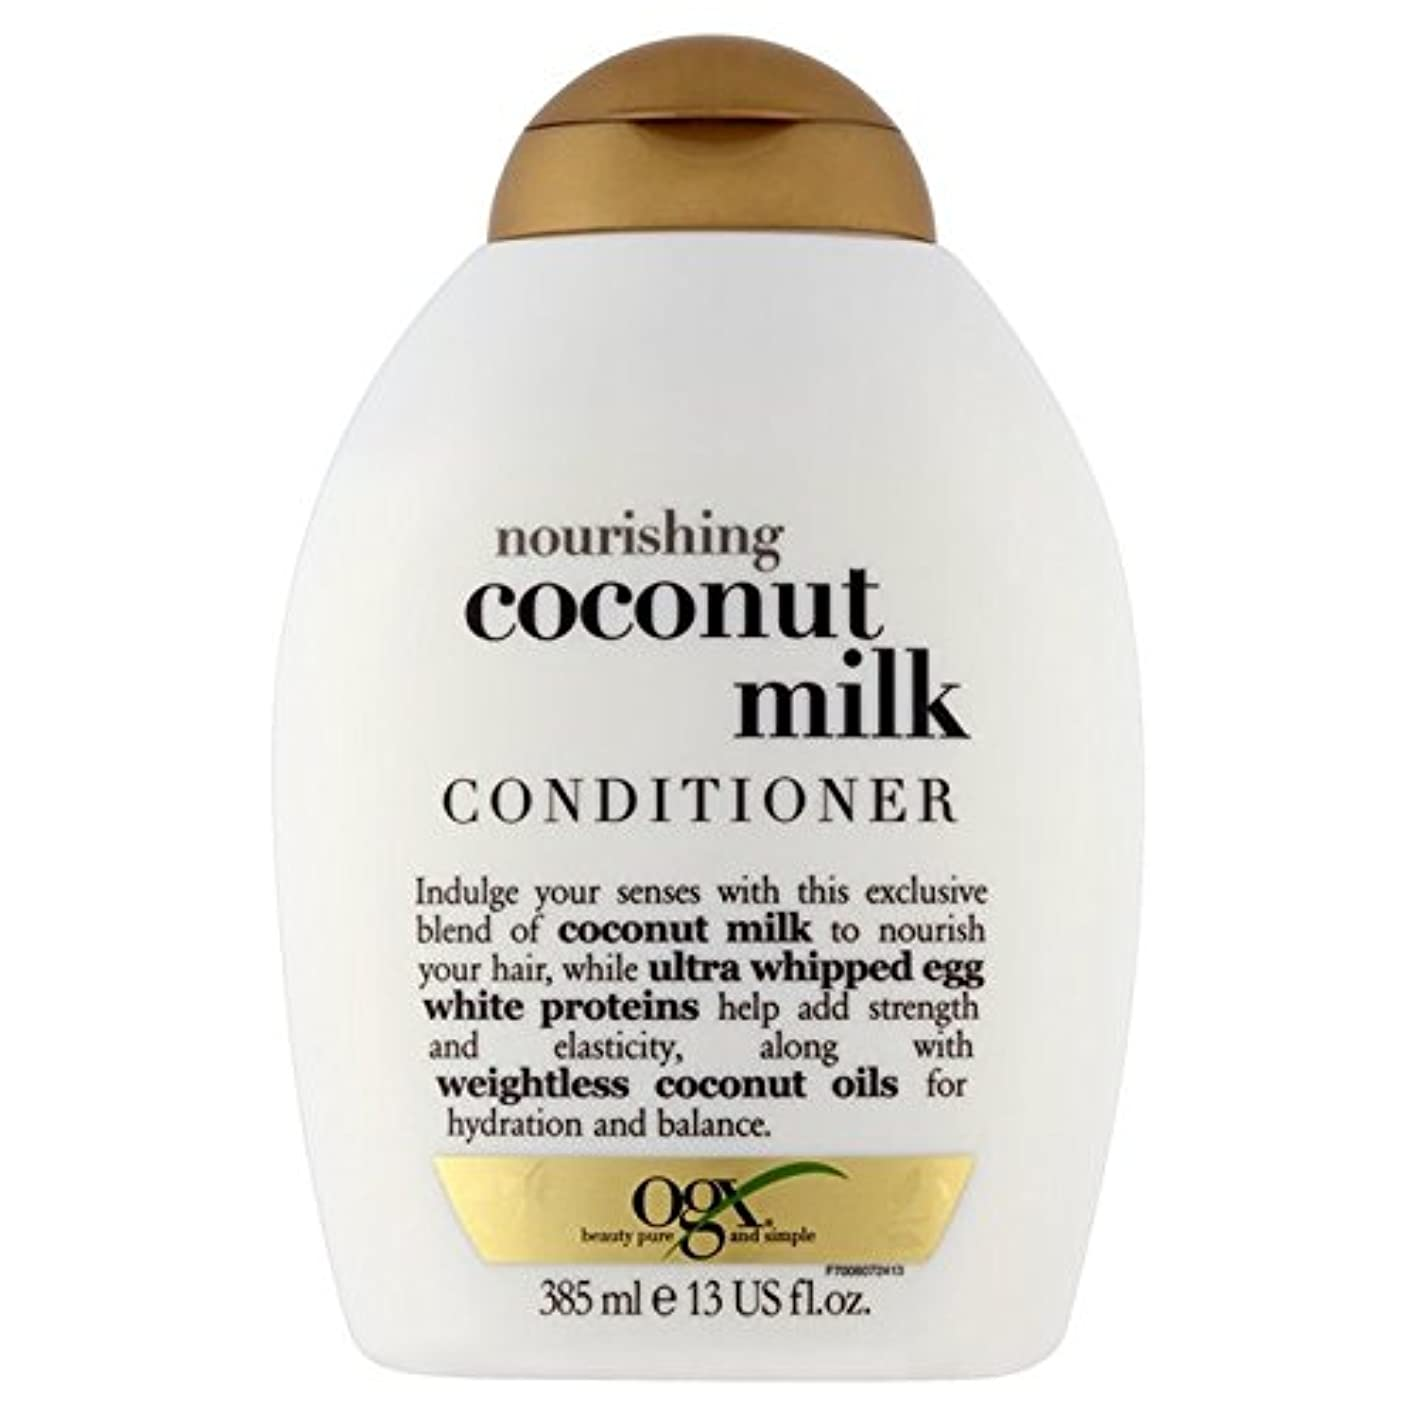 モス仮定松明Ogx Coconut Milk Conditioner 385ml (Pack of 6) - ココナッツミルクコンディショナー385ミリリットル x6 [並行輸入品]